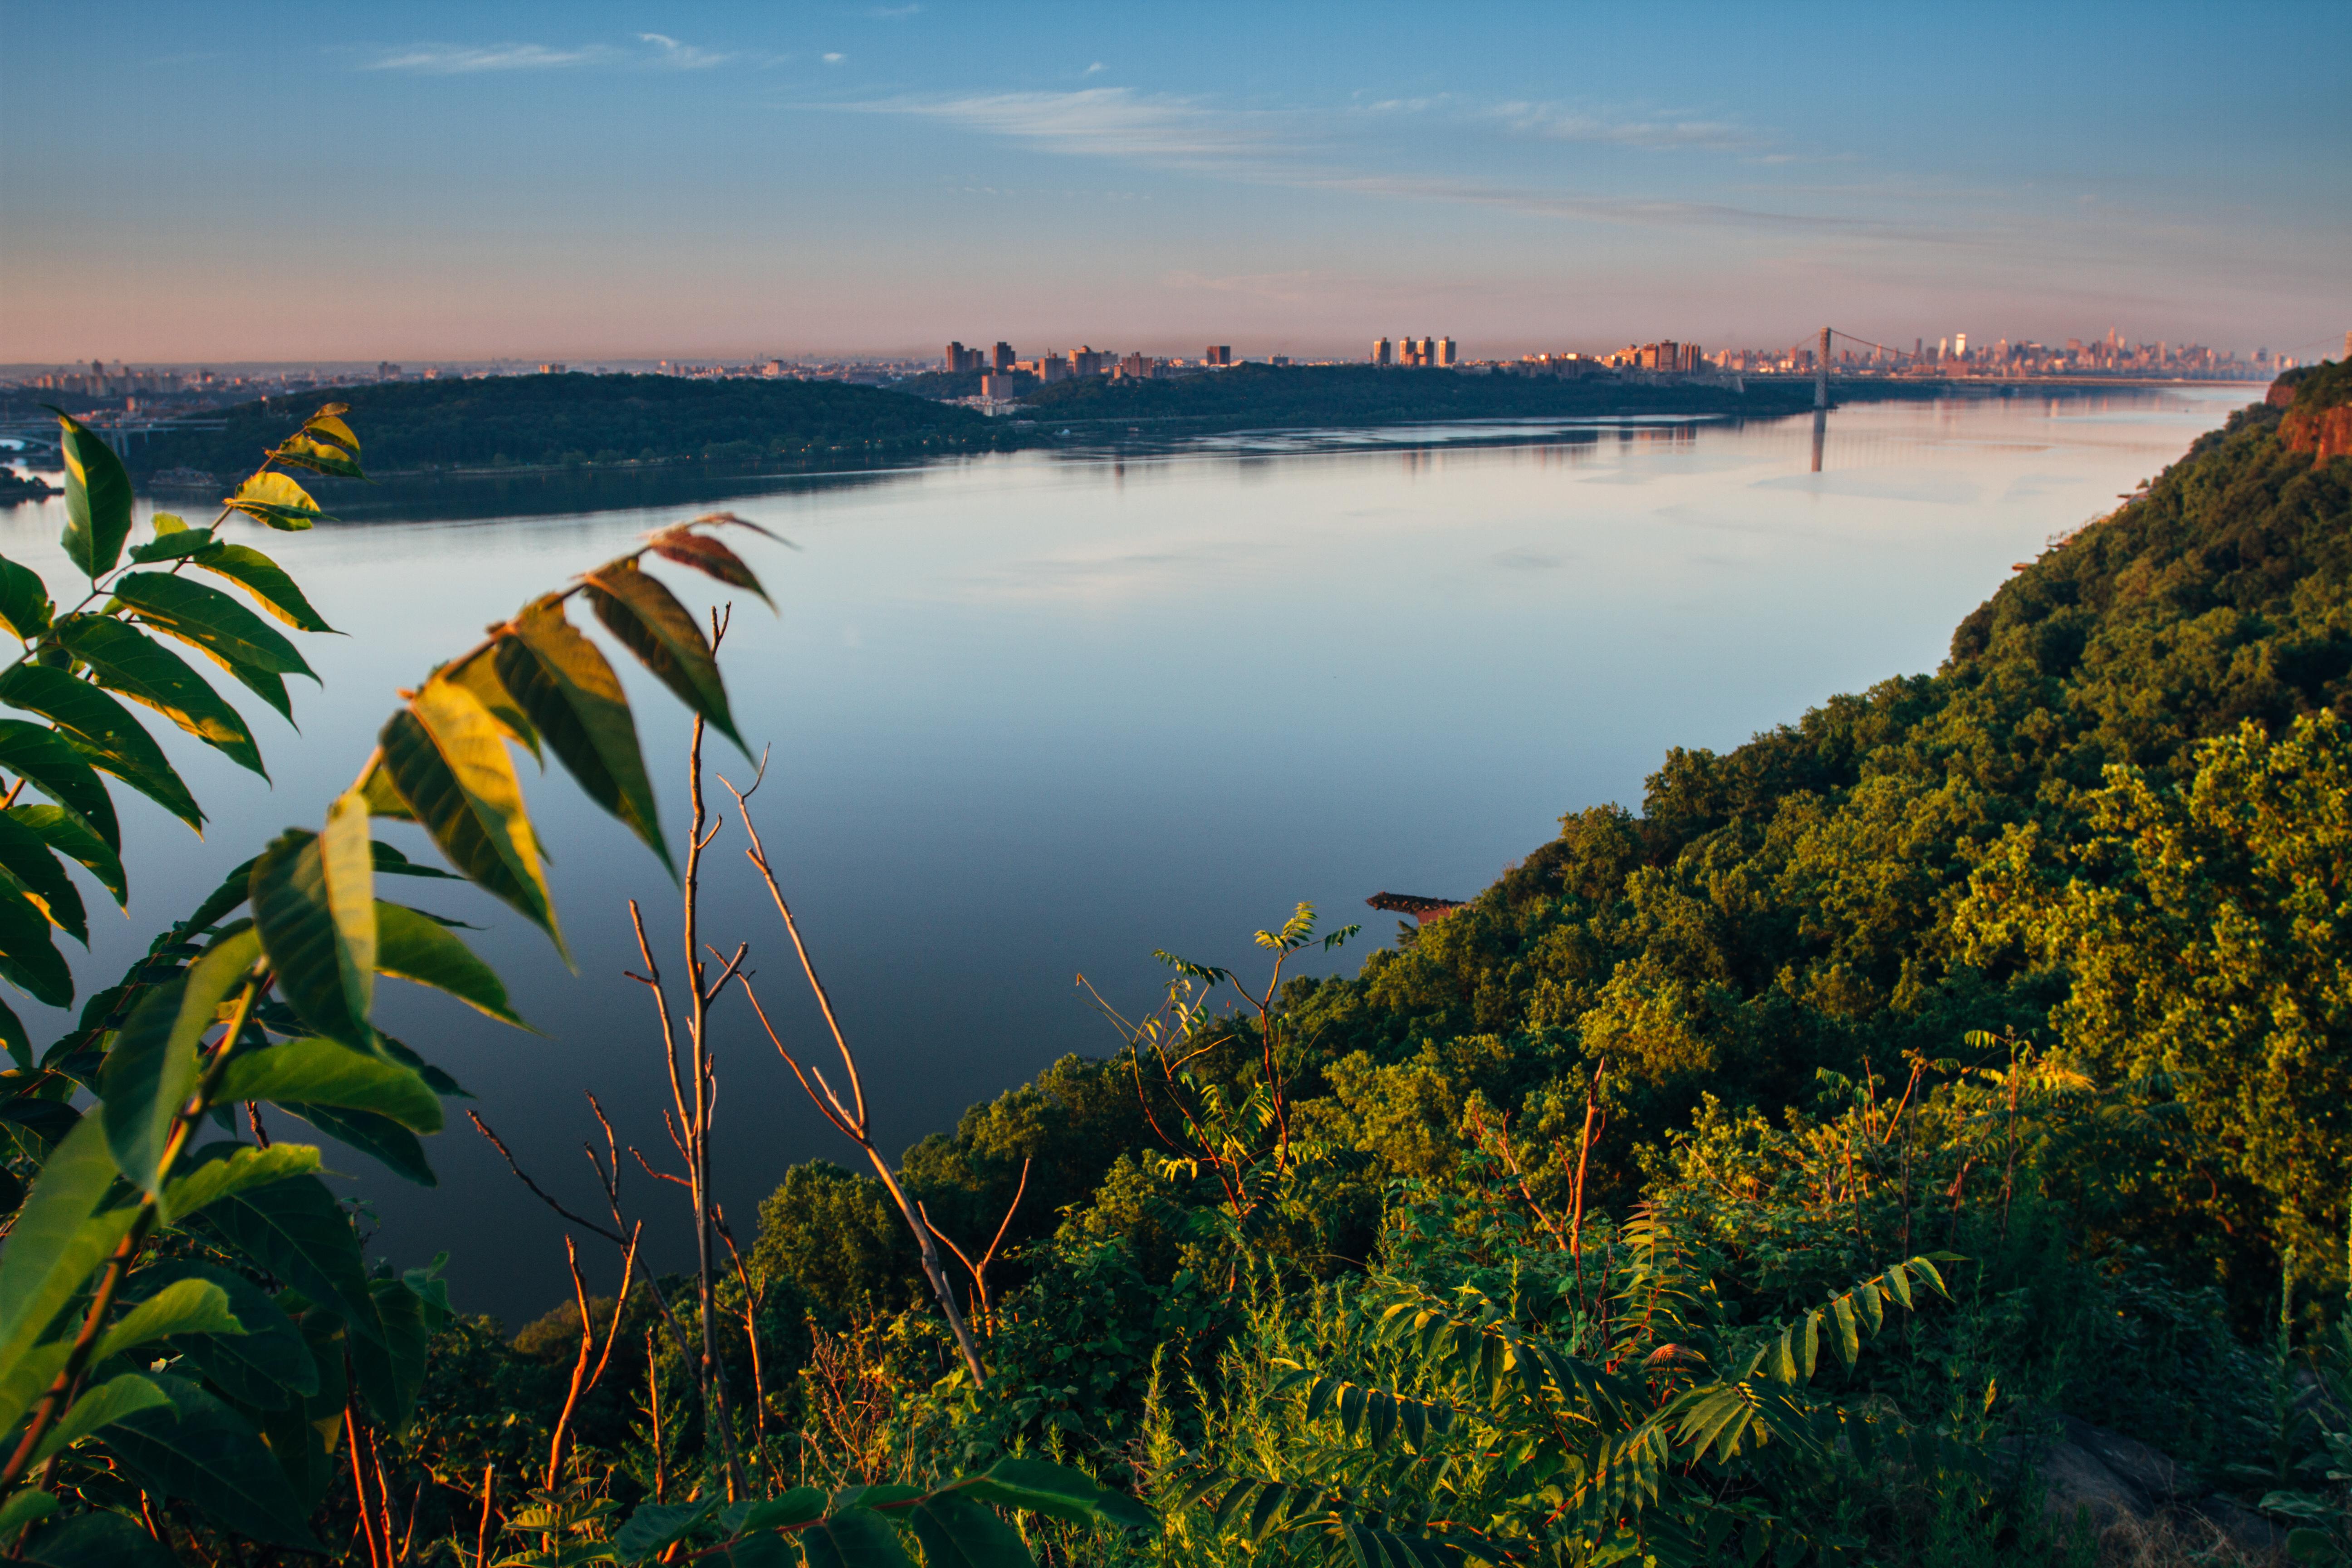 Hudson river at sunrise